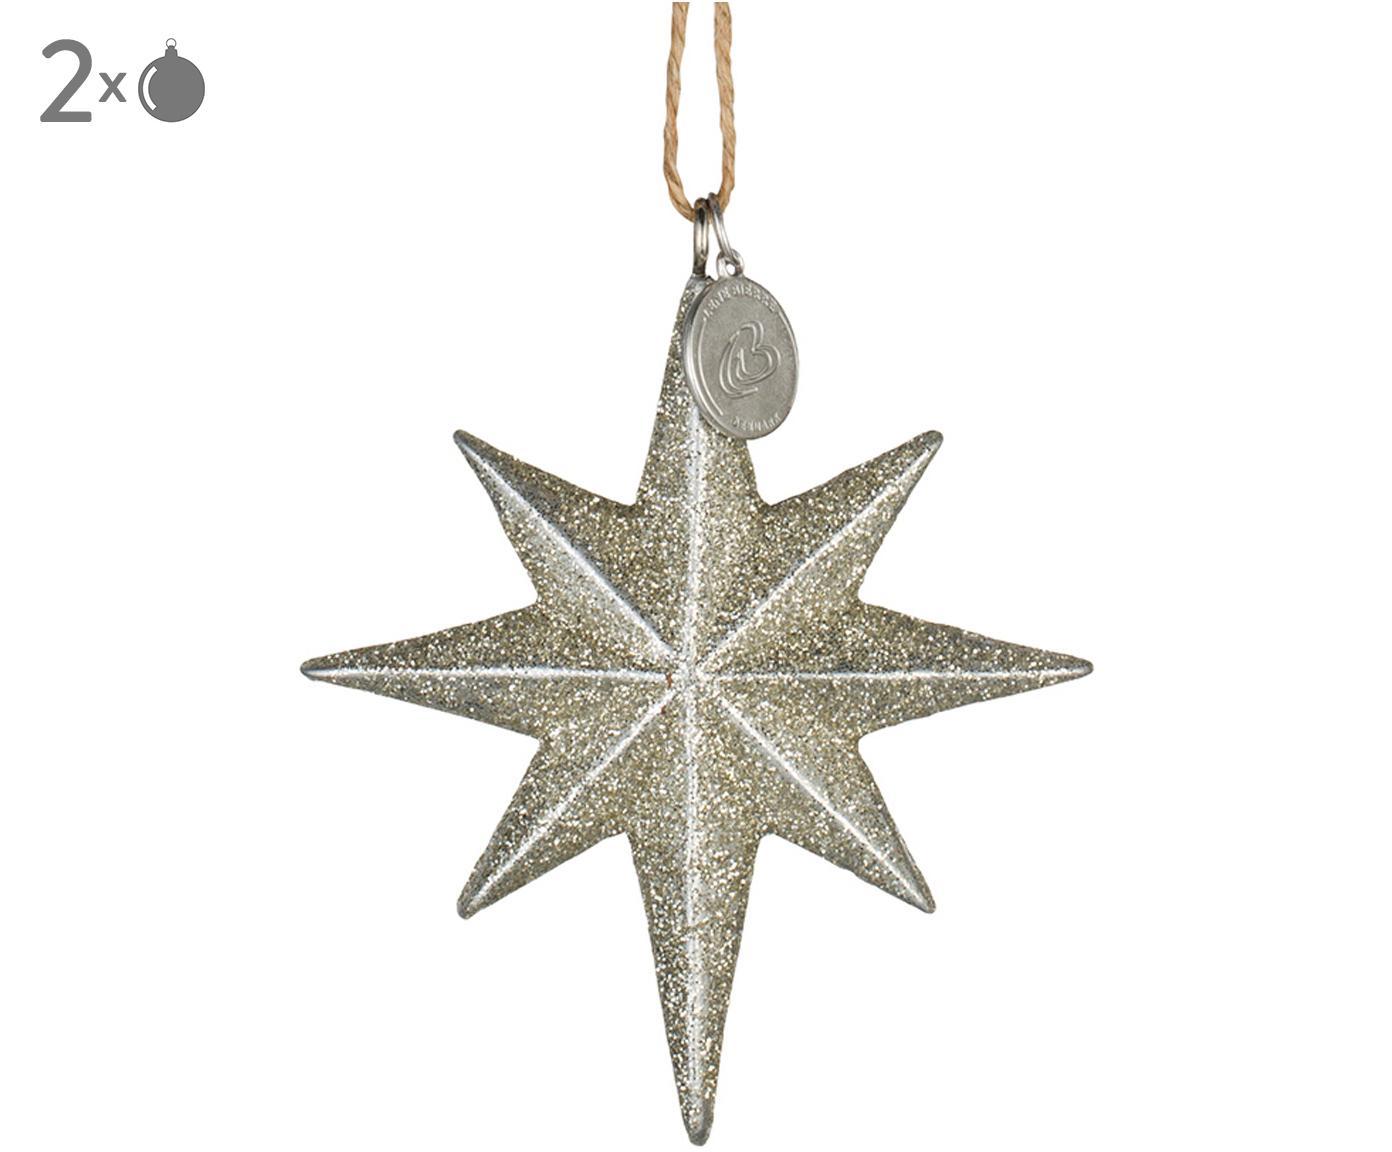 Ciondolo Serafina Star, 2 pz., Dorato, Larg. 7 x Alt. 8 cm